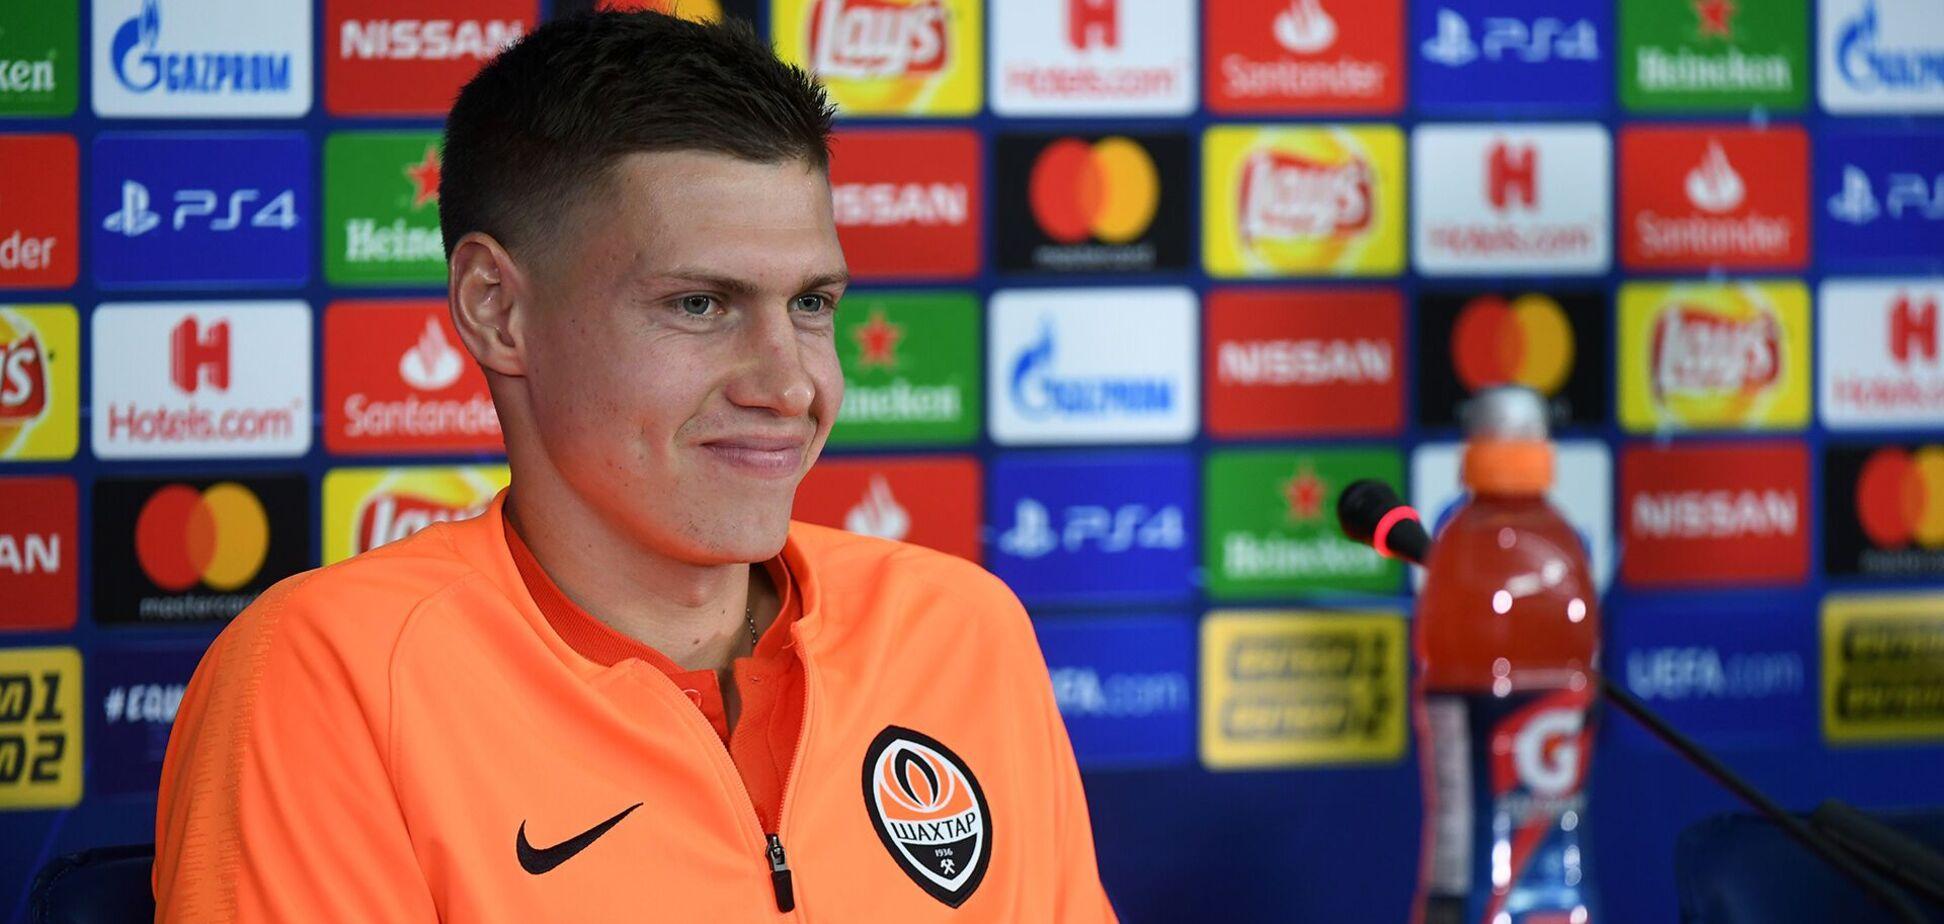 Защитник сборной Украины может перейти в российский клуб – СМИ